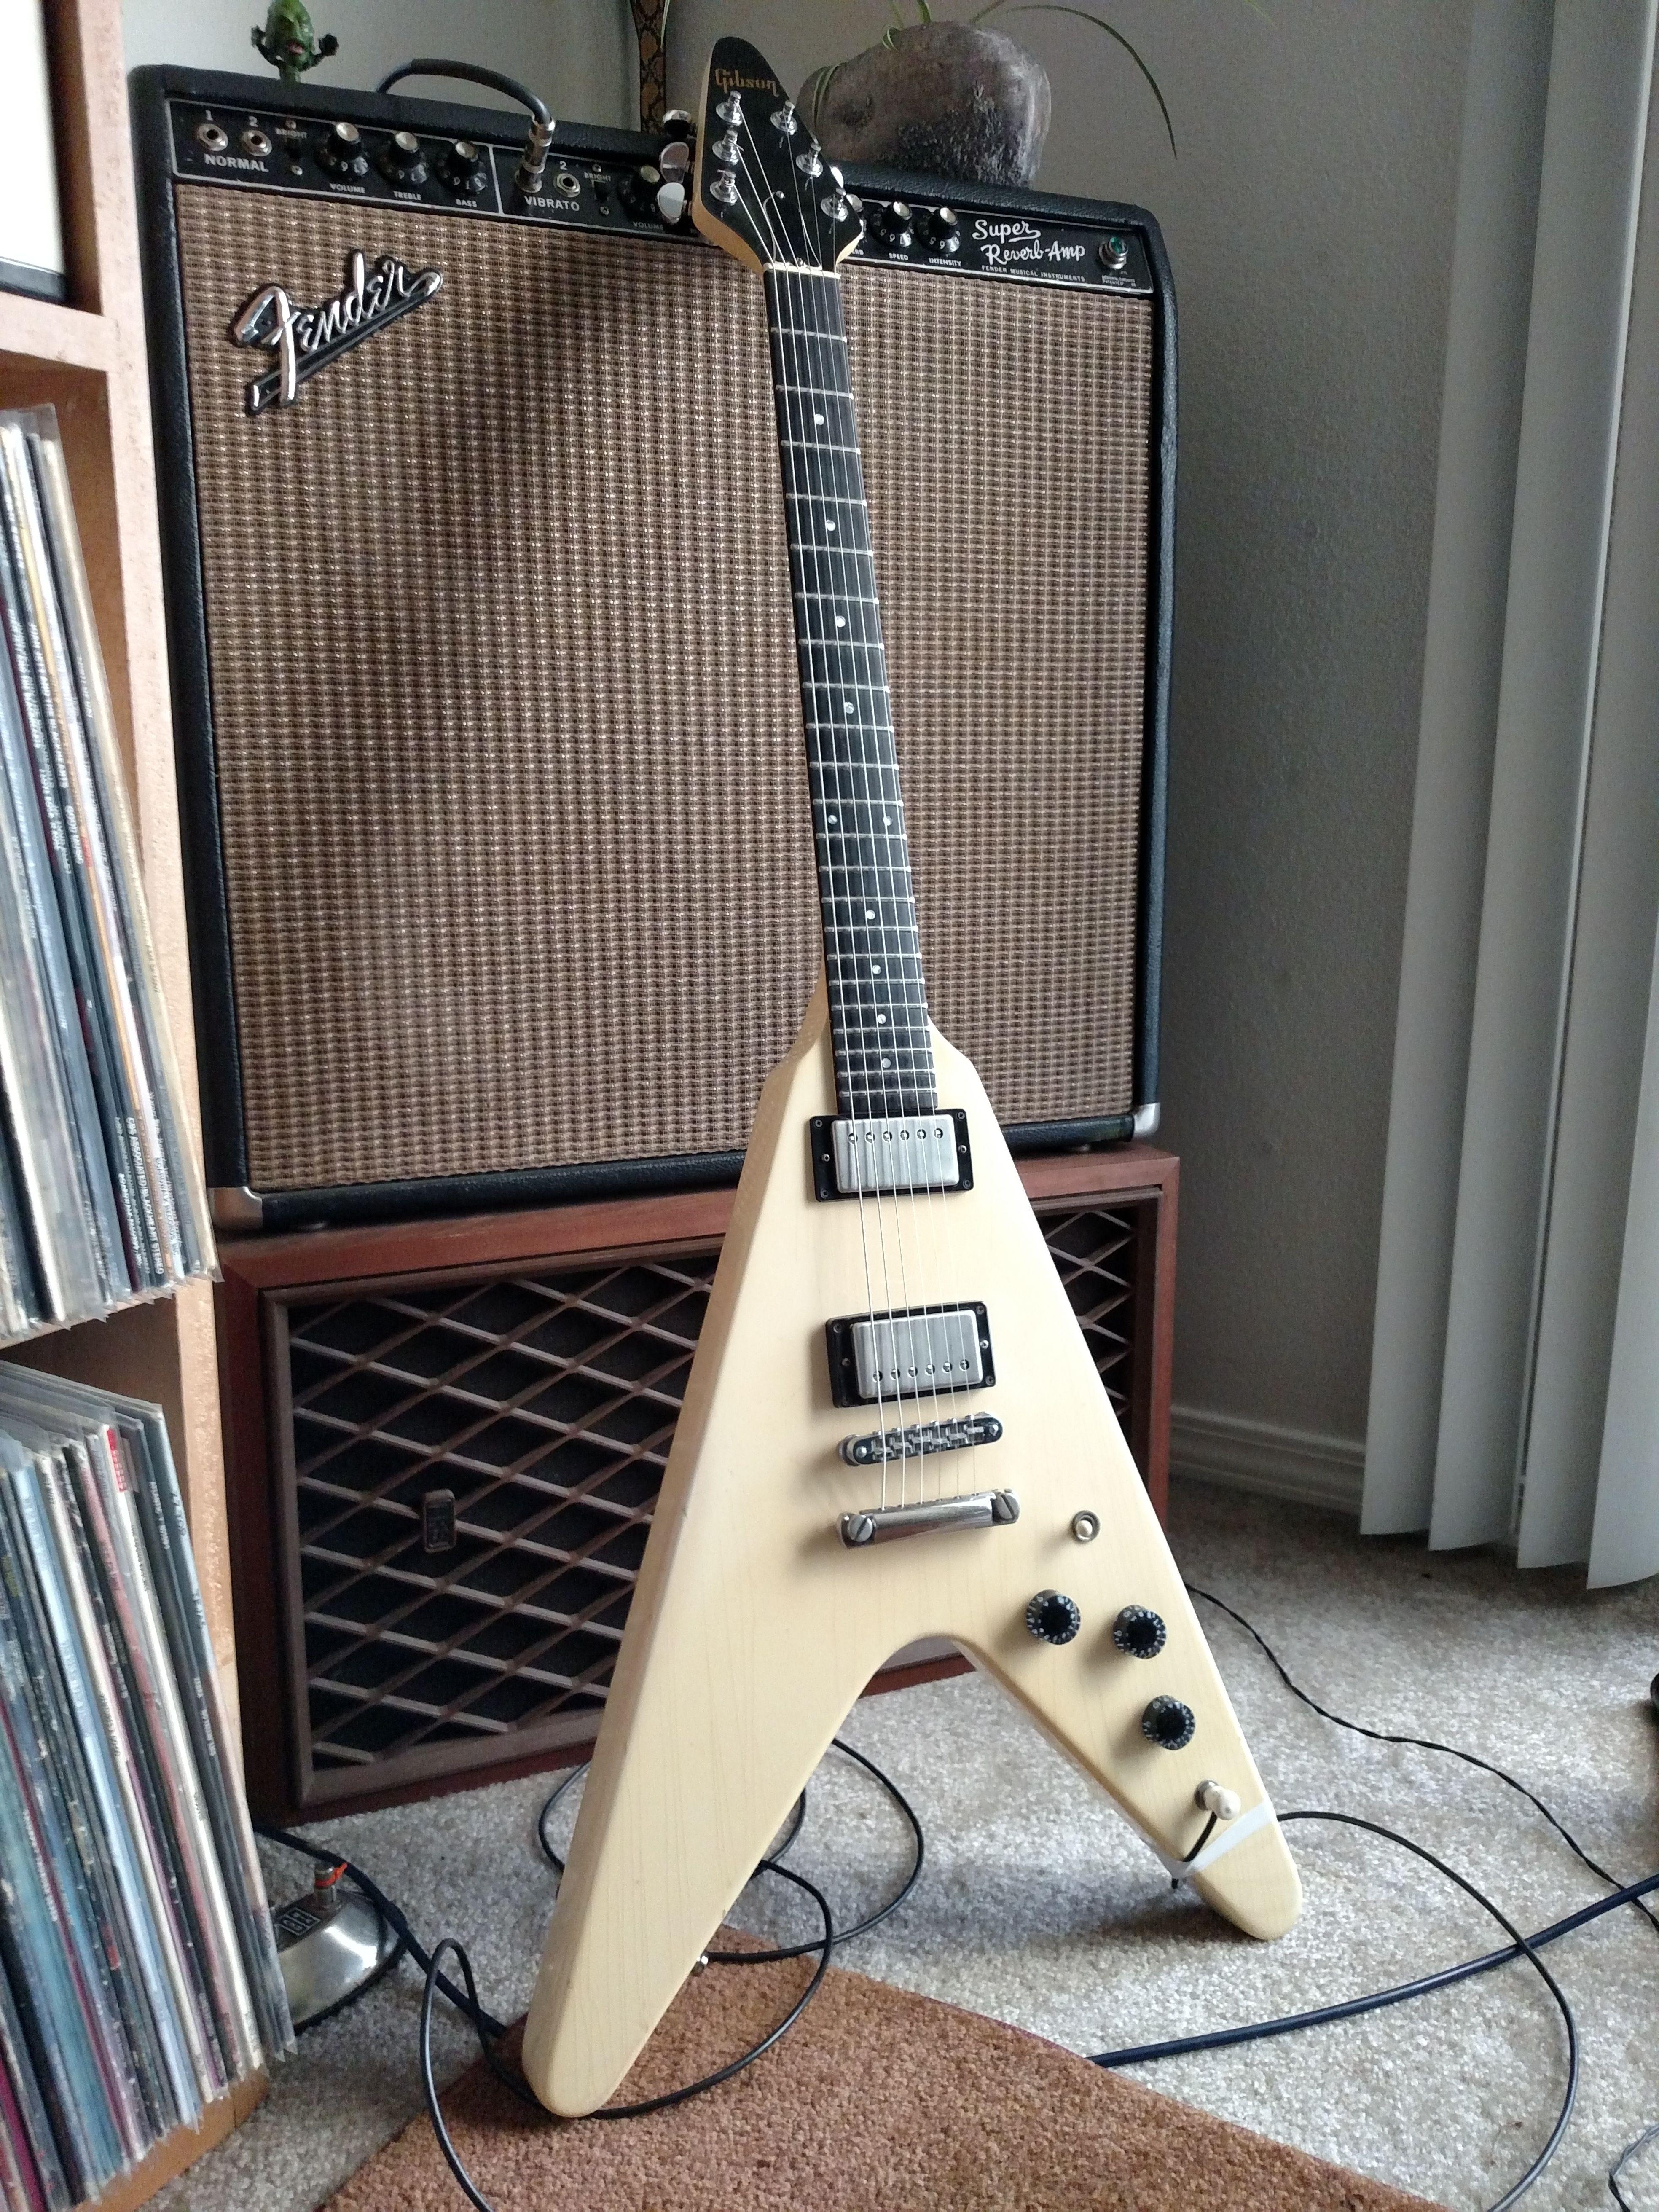 my 1984 flying v flying guitar rig guitar guitar collection. Black Bedroom Furniture Sets. Home Design Ideas